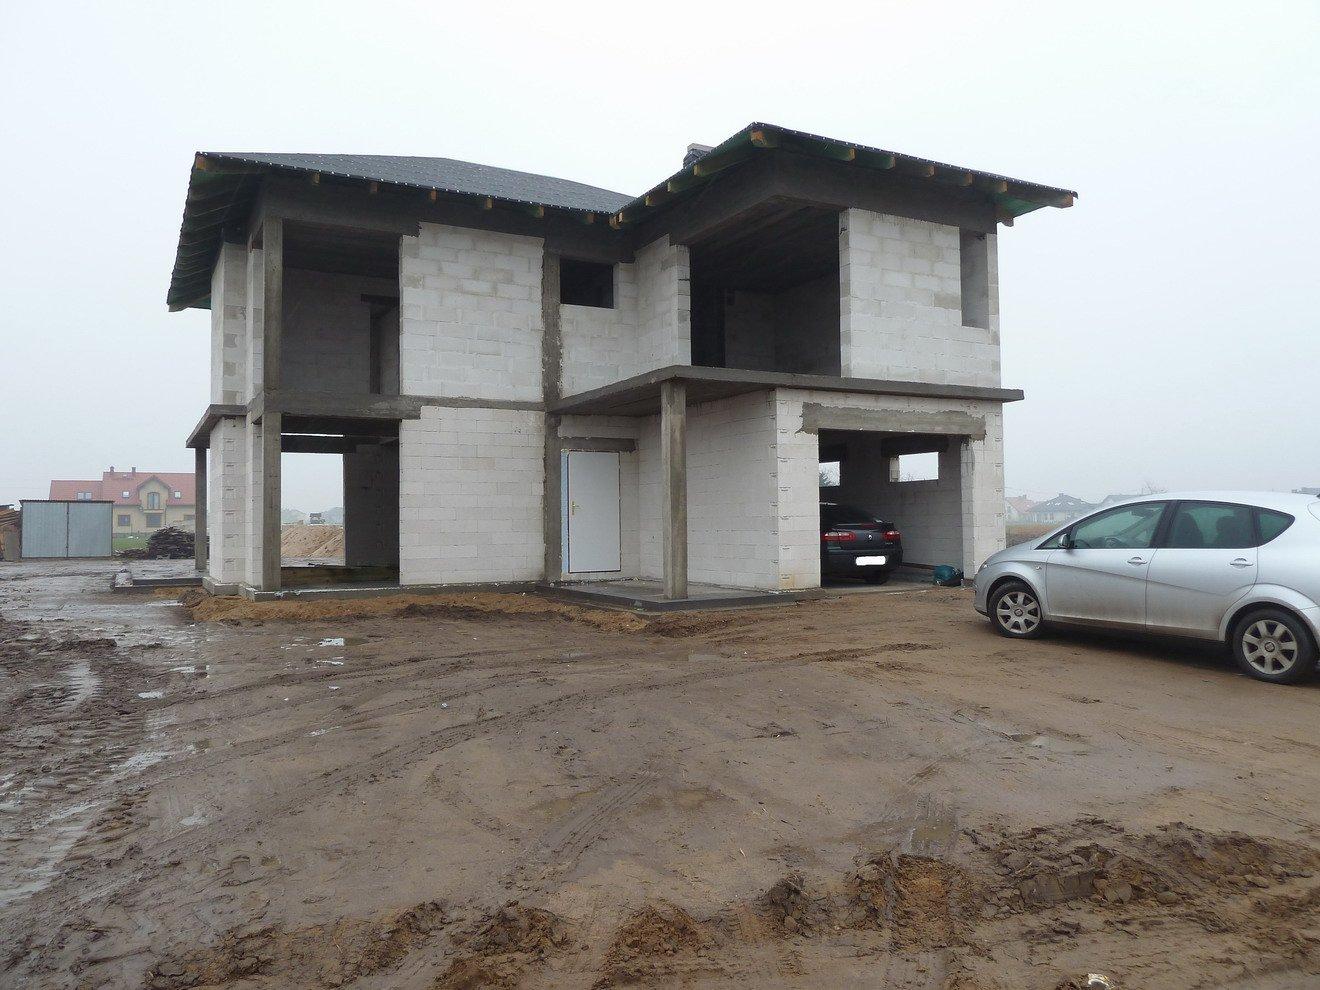 projekt-domu-riwiera-2-fot-3-1390380154-vb0gp8jo.jpg